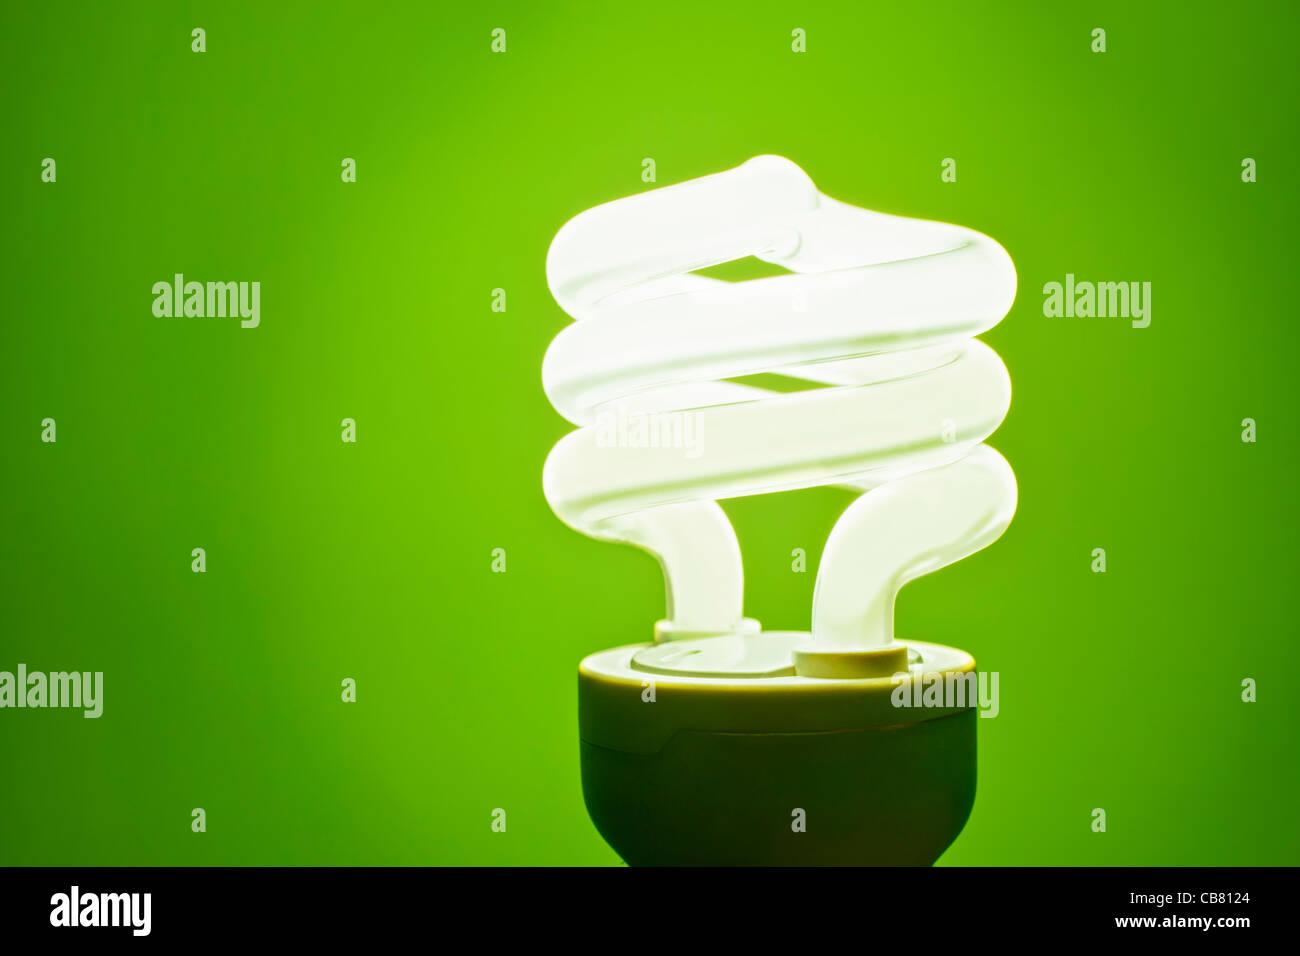 Green Lightbulb - Stock Image